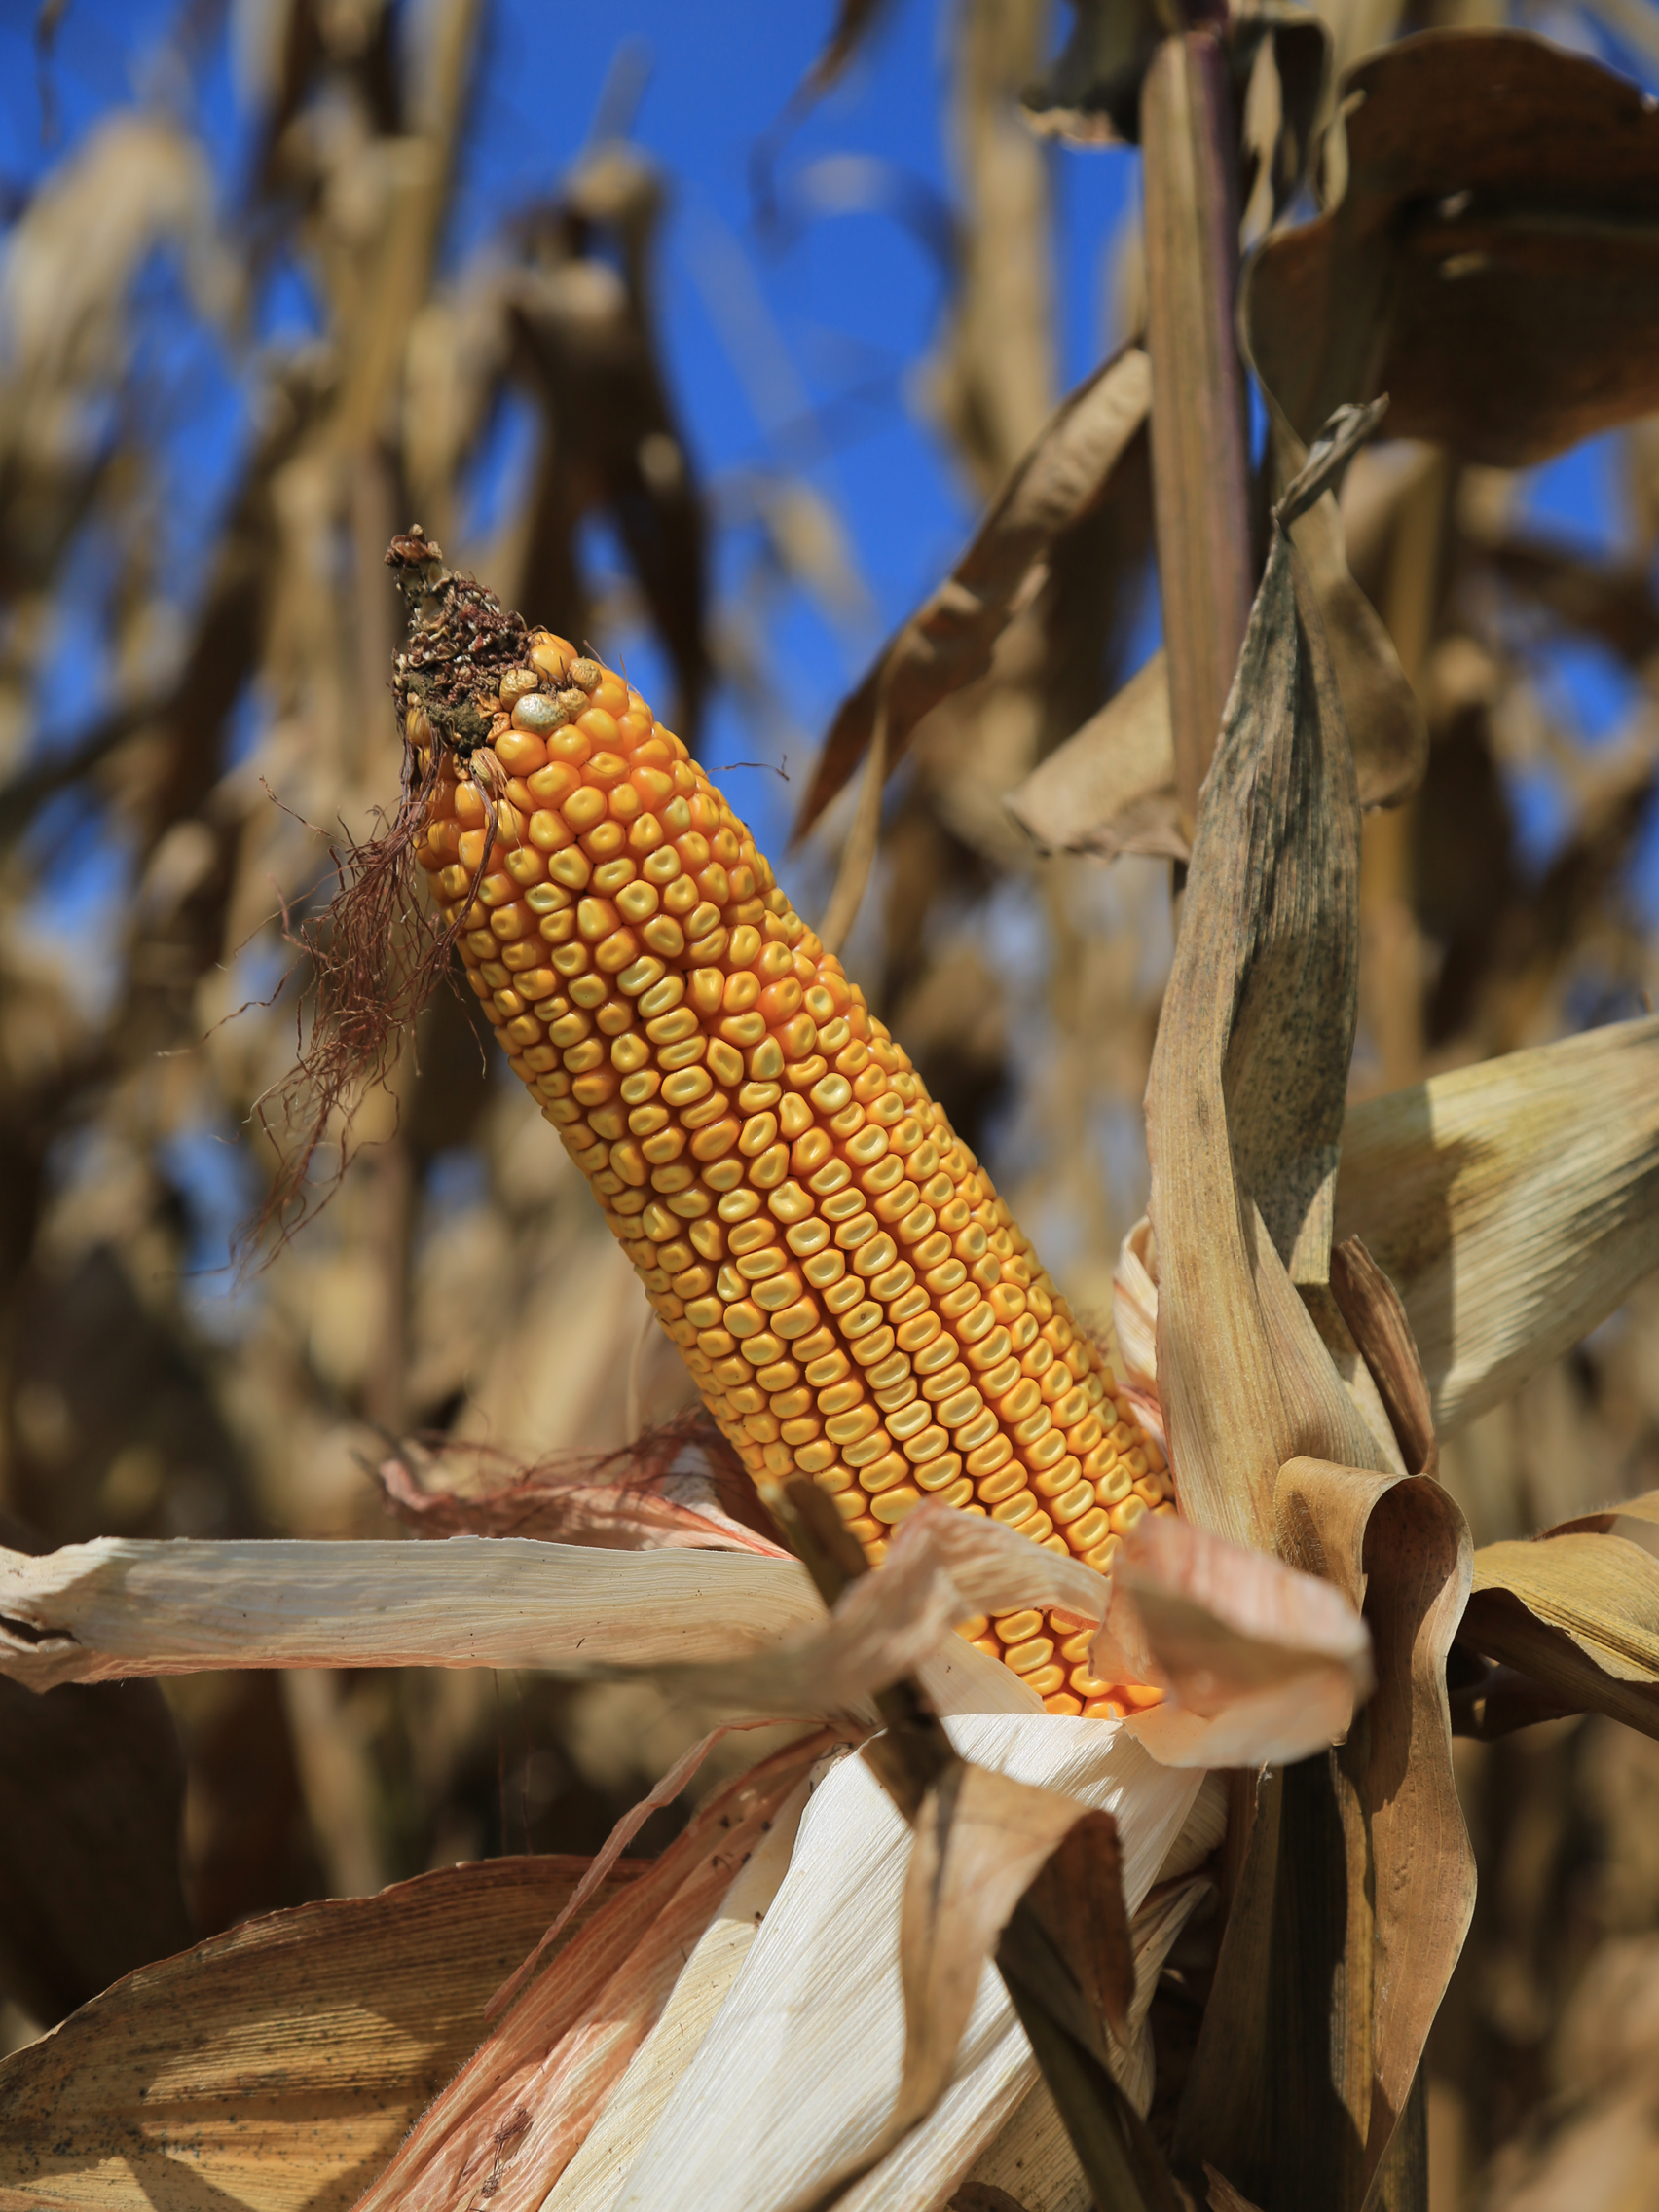 tfb_corn_6f2a0659